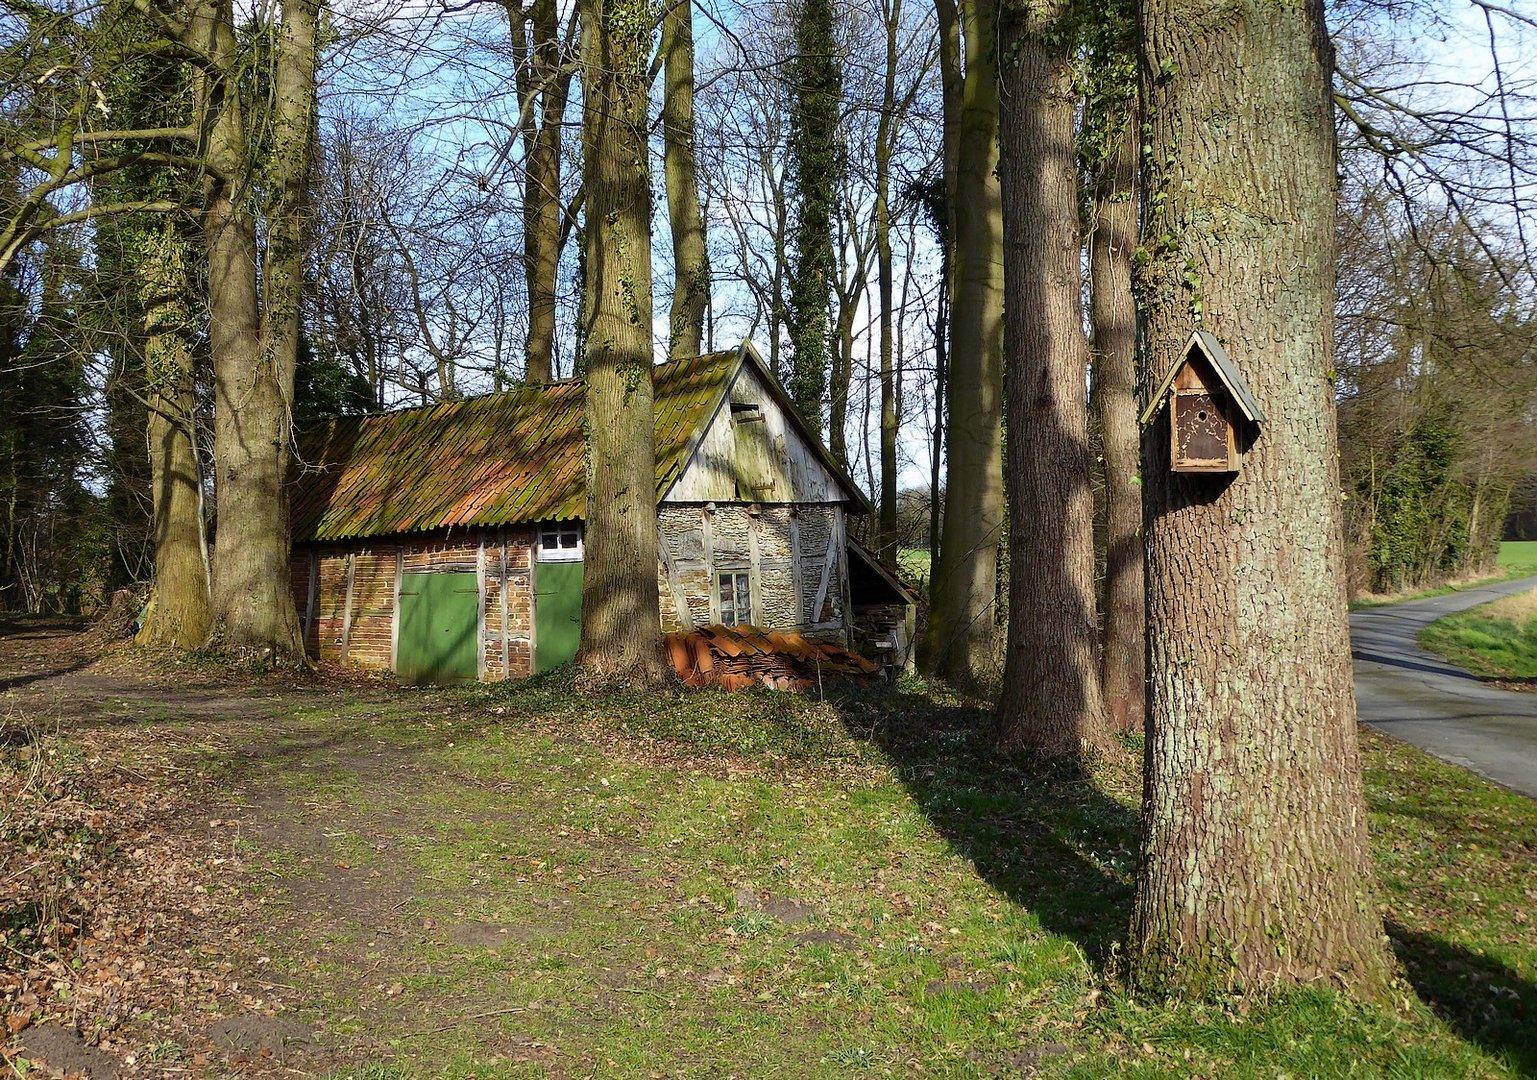 Zwei sehr ländliche Unterkünfte am Waldrand  :-)